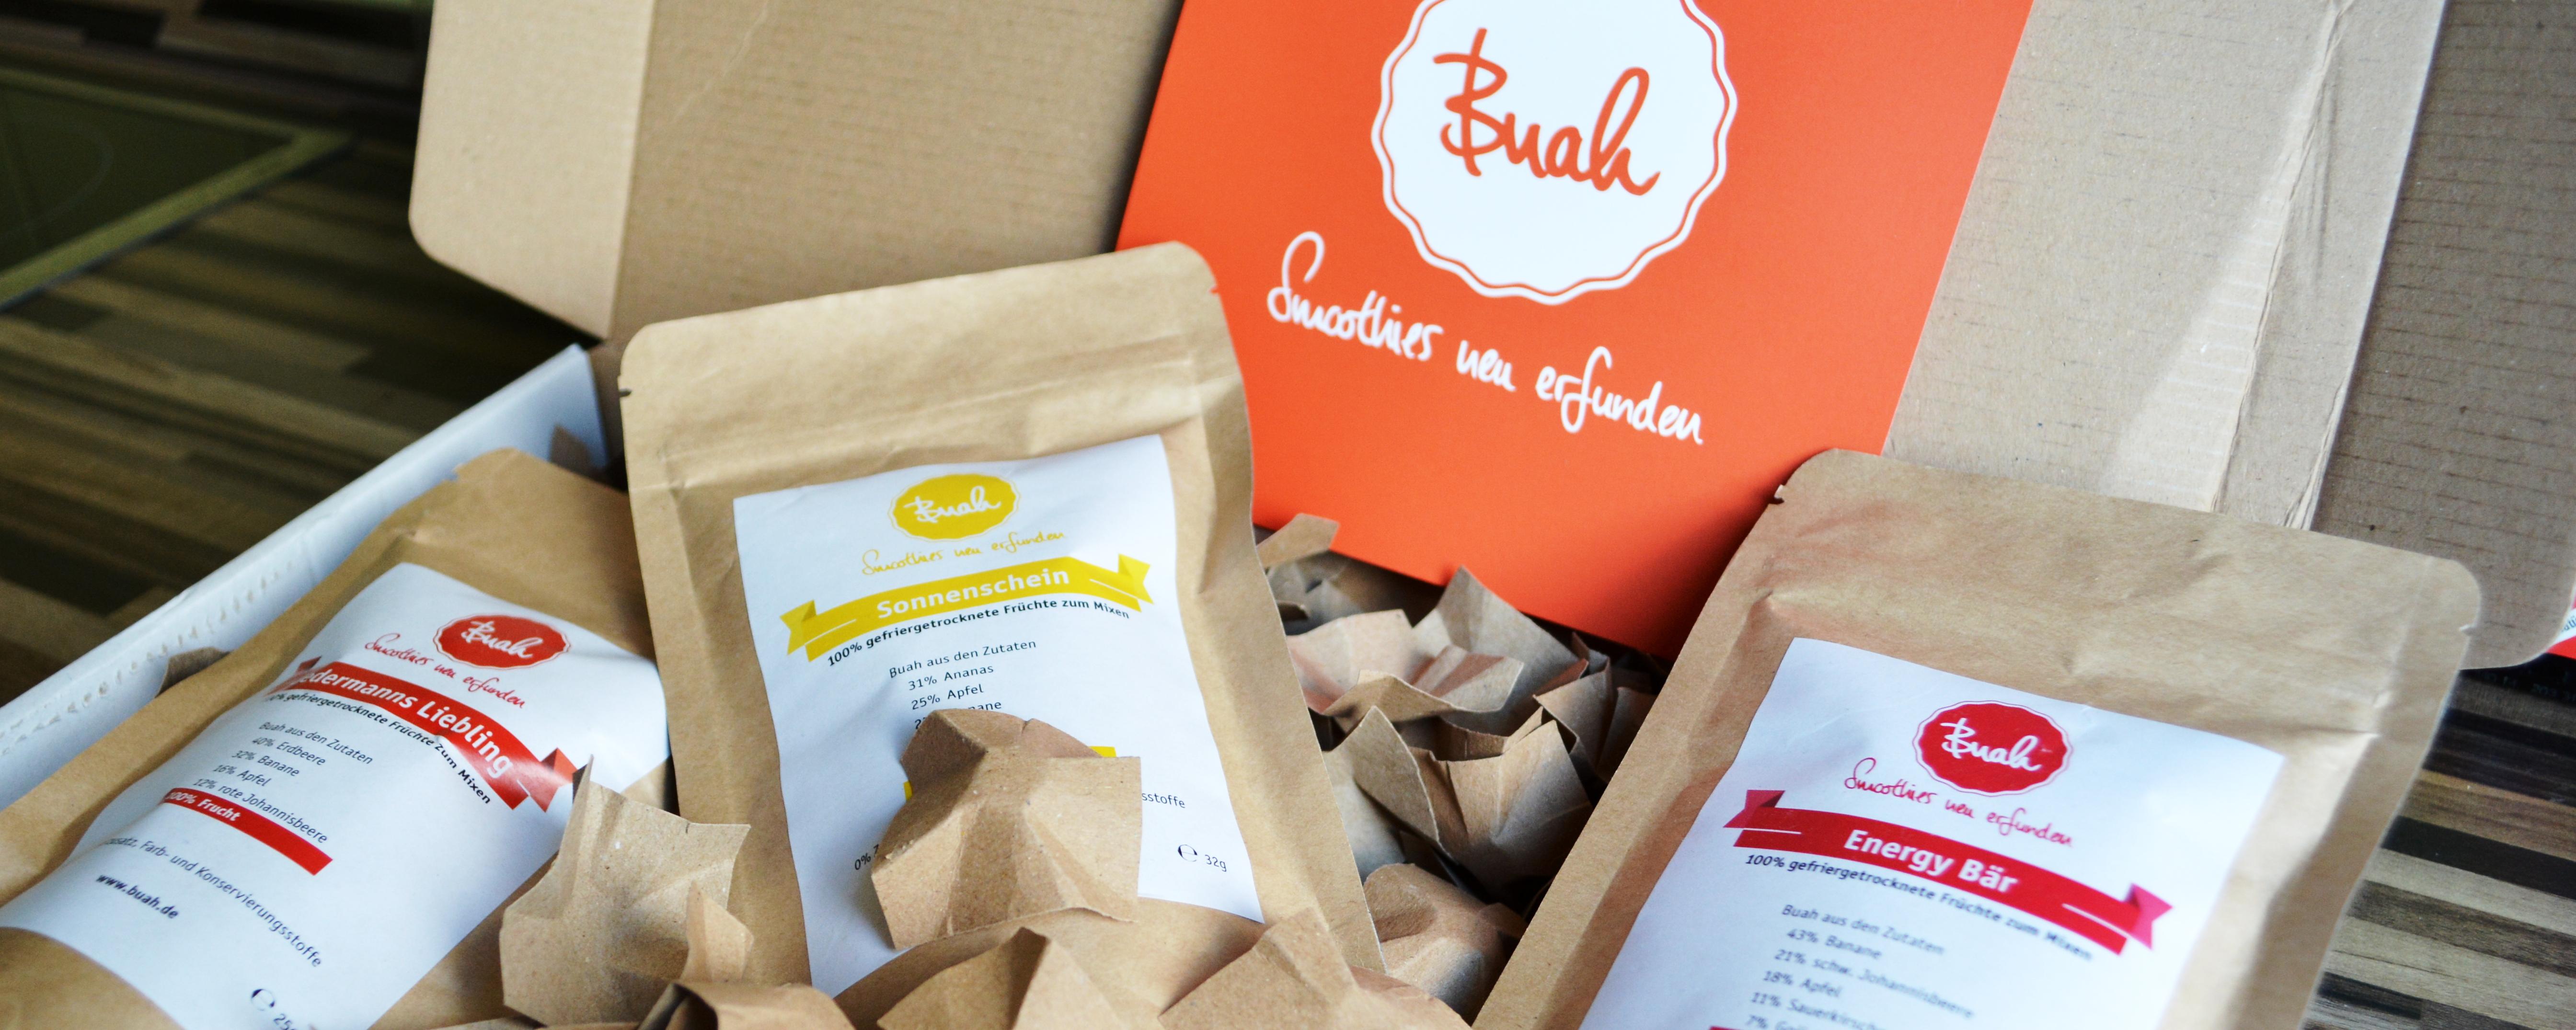 Ökologisch einwandfrei wird euch das Paket geliefert.